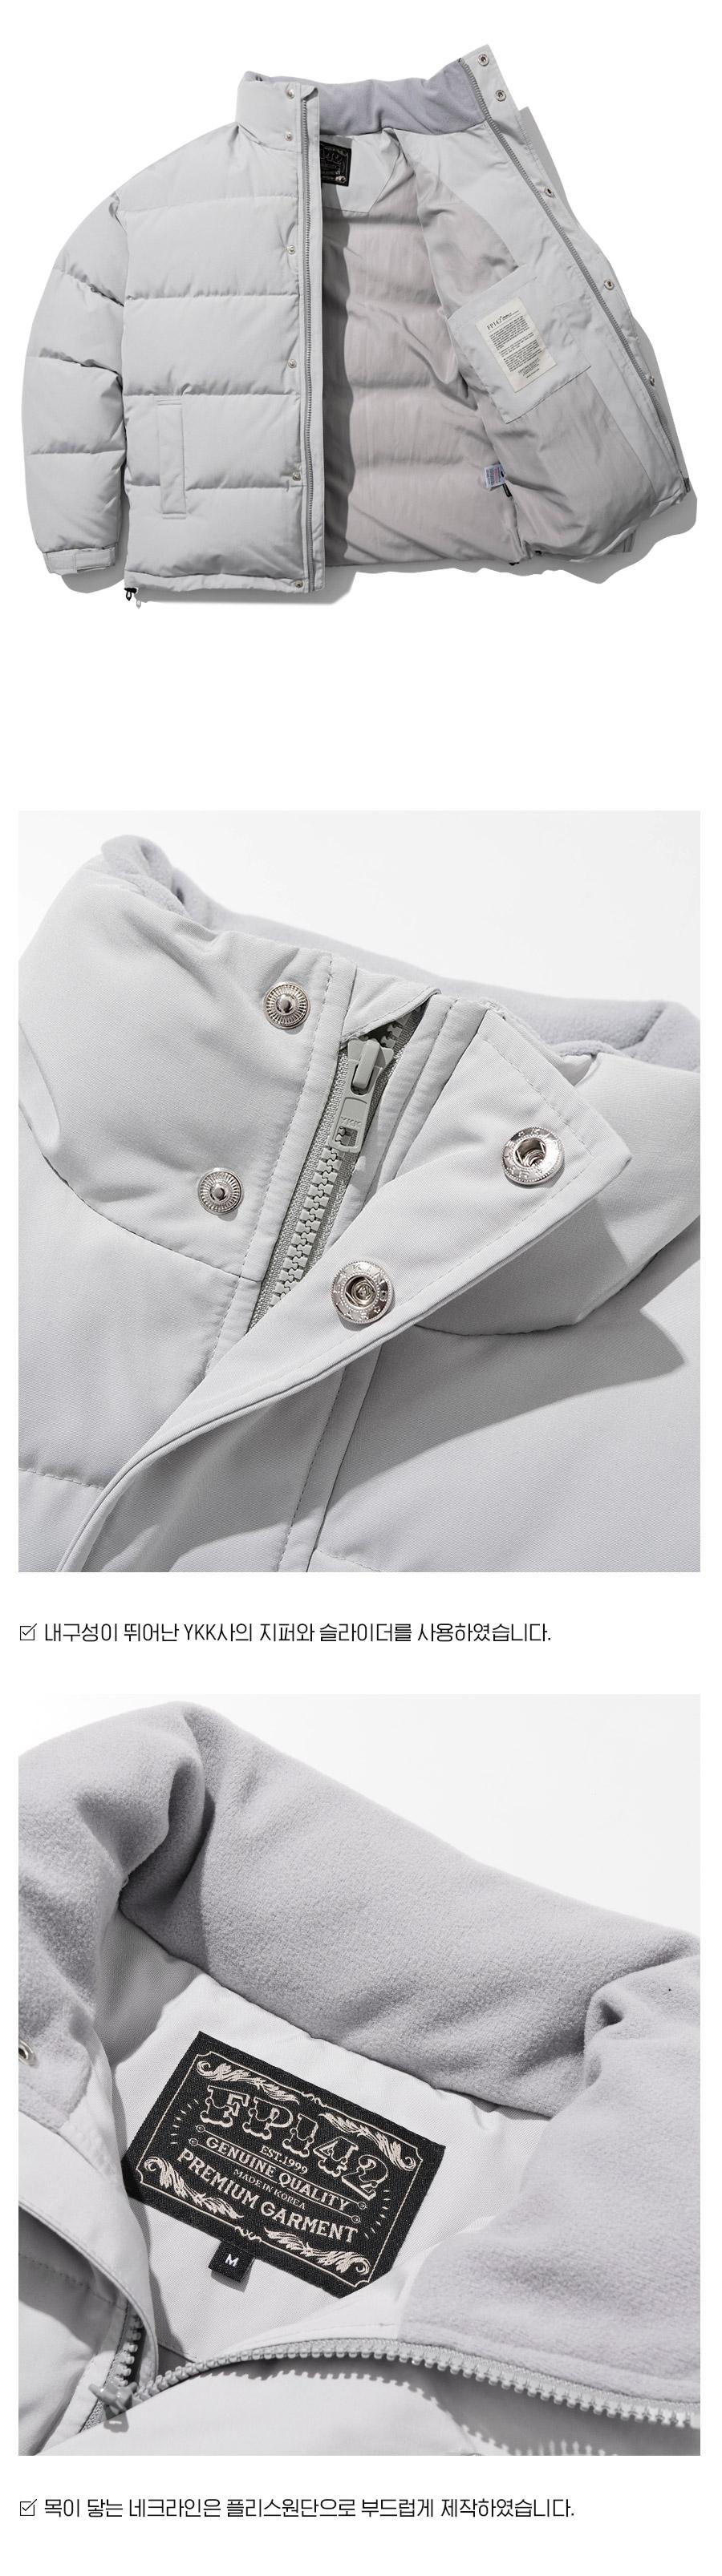 [회색 12/18 예약발송][페플] 덕다운 패딩점퍼 4종 KHOT1278